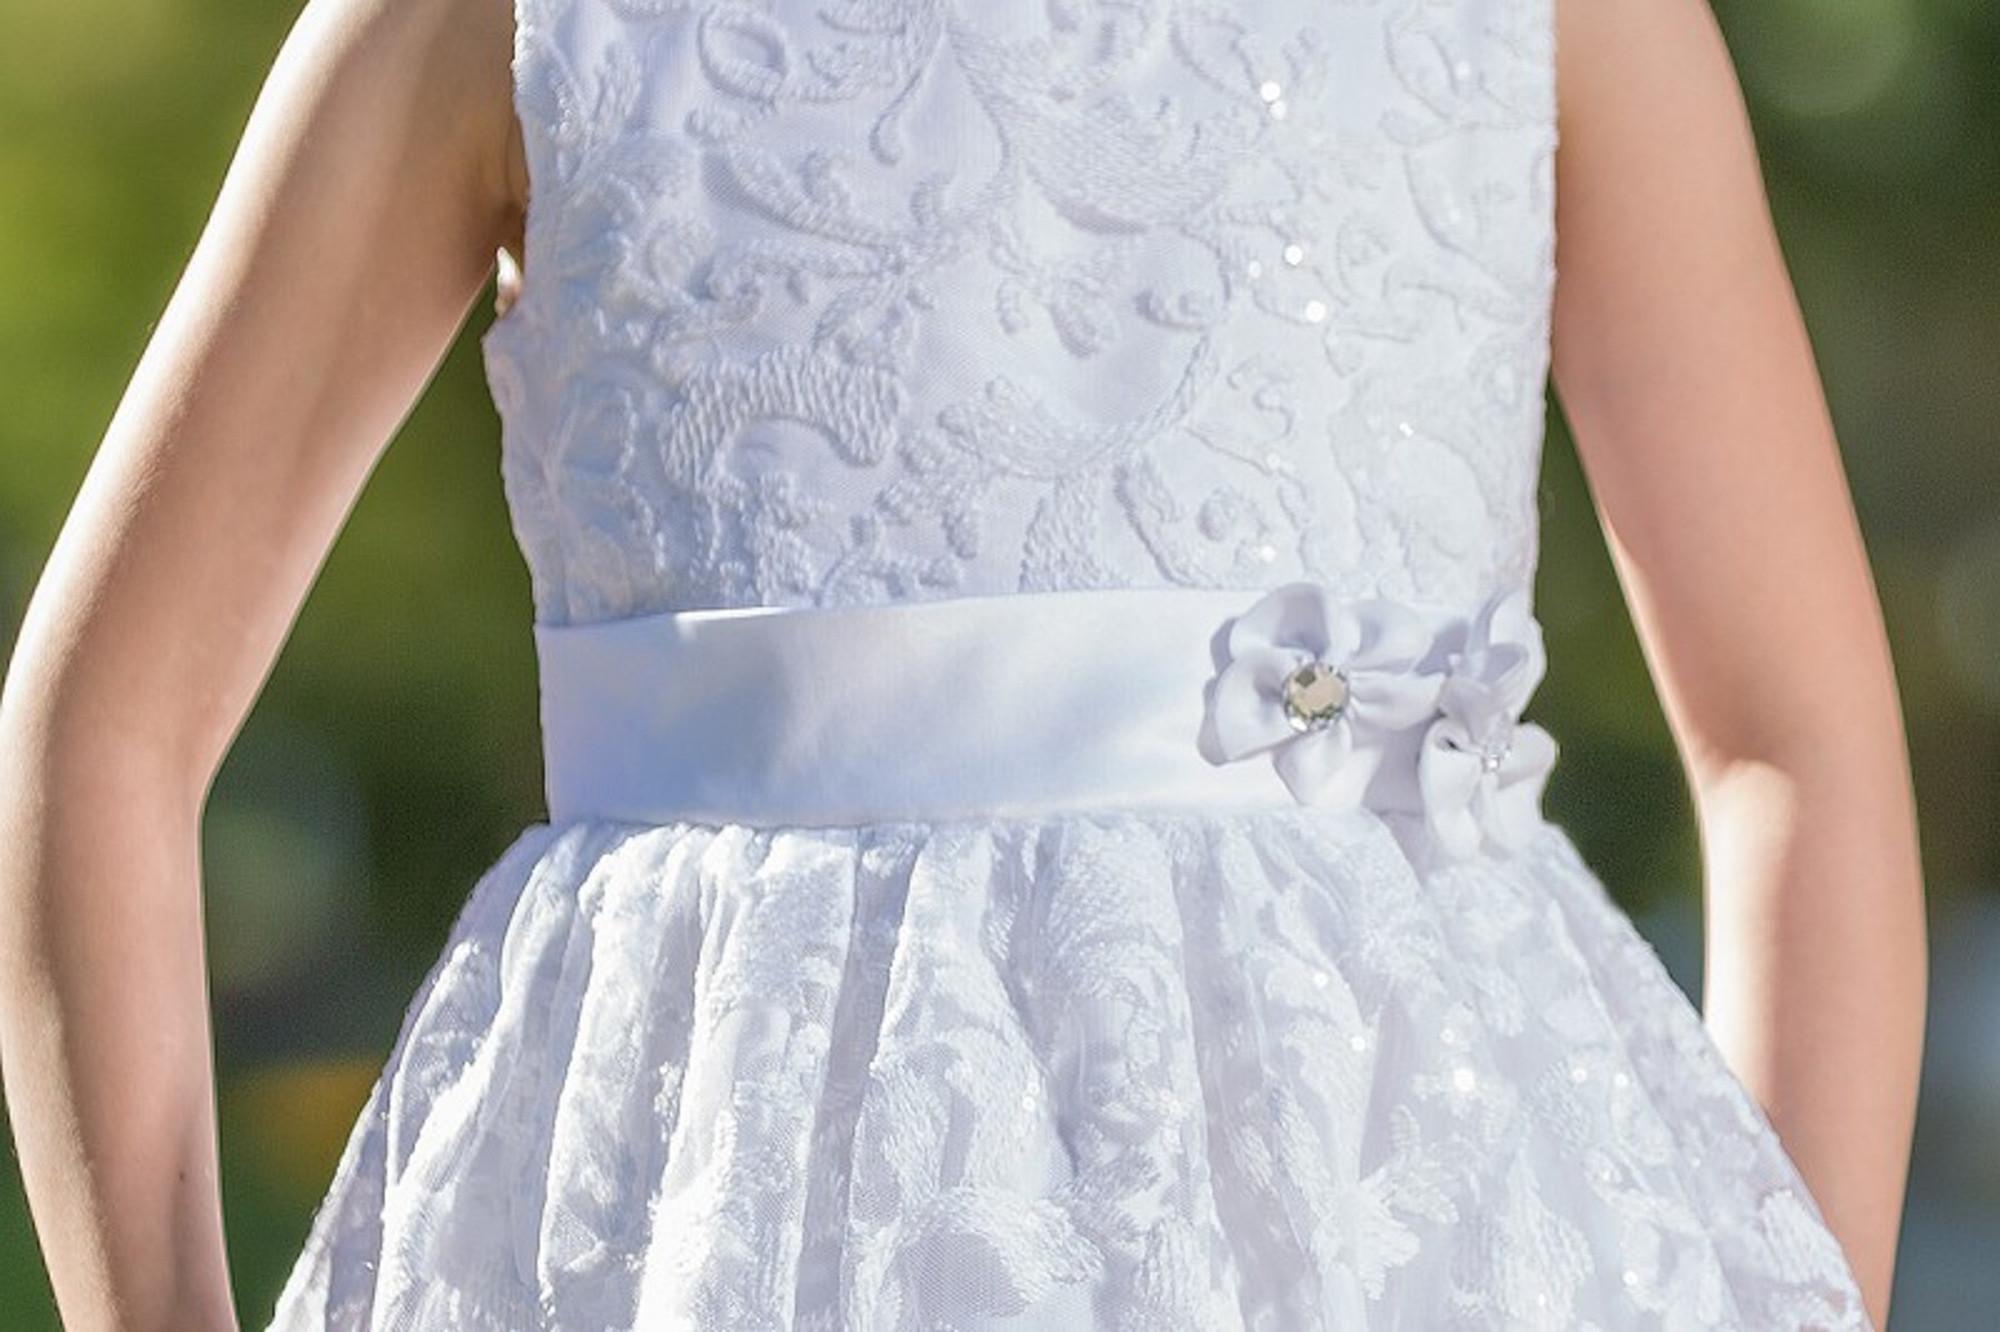 Bimaro Kleid Lavinia Weiß Festlich Spitzenkleid Festkleid Knielang